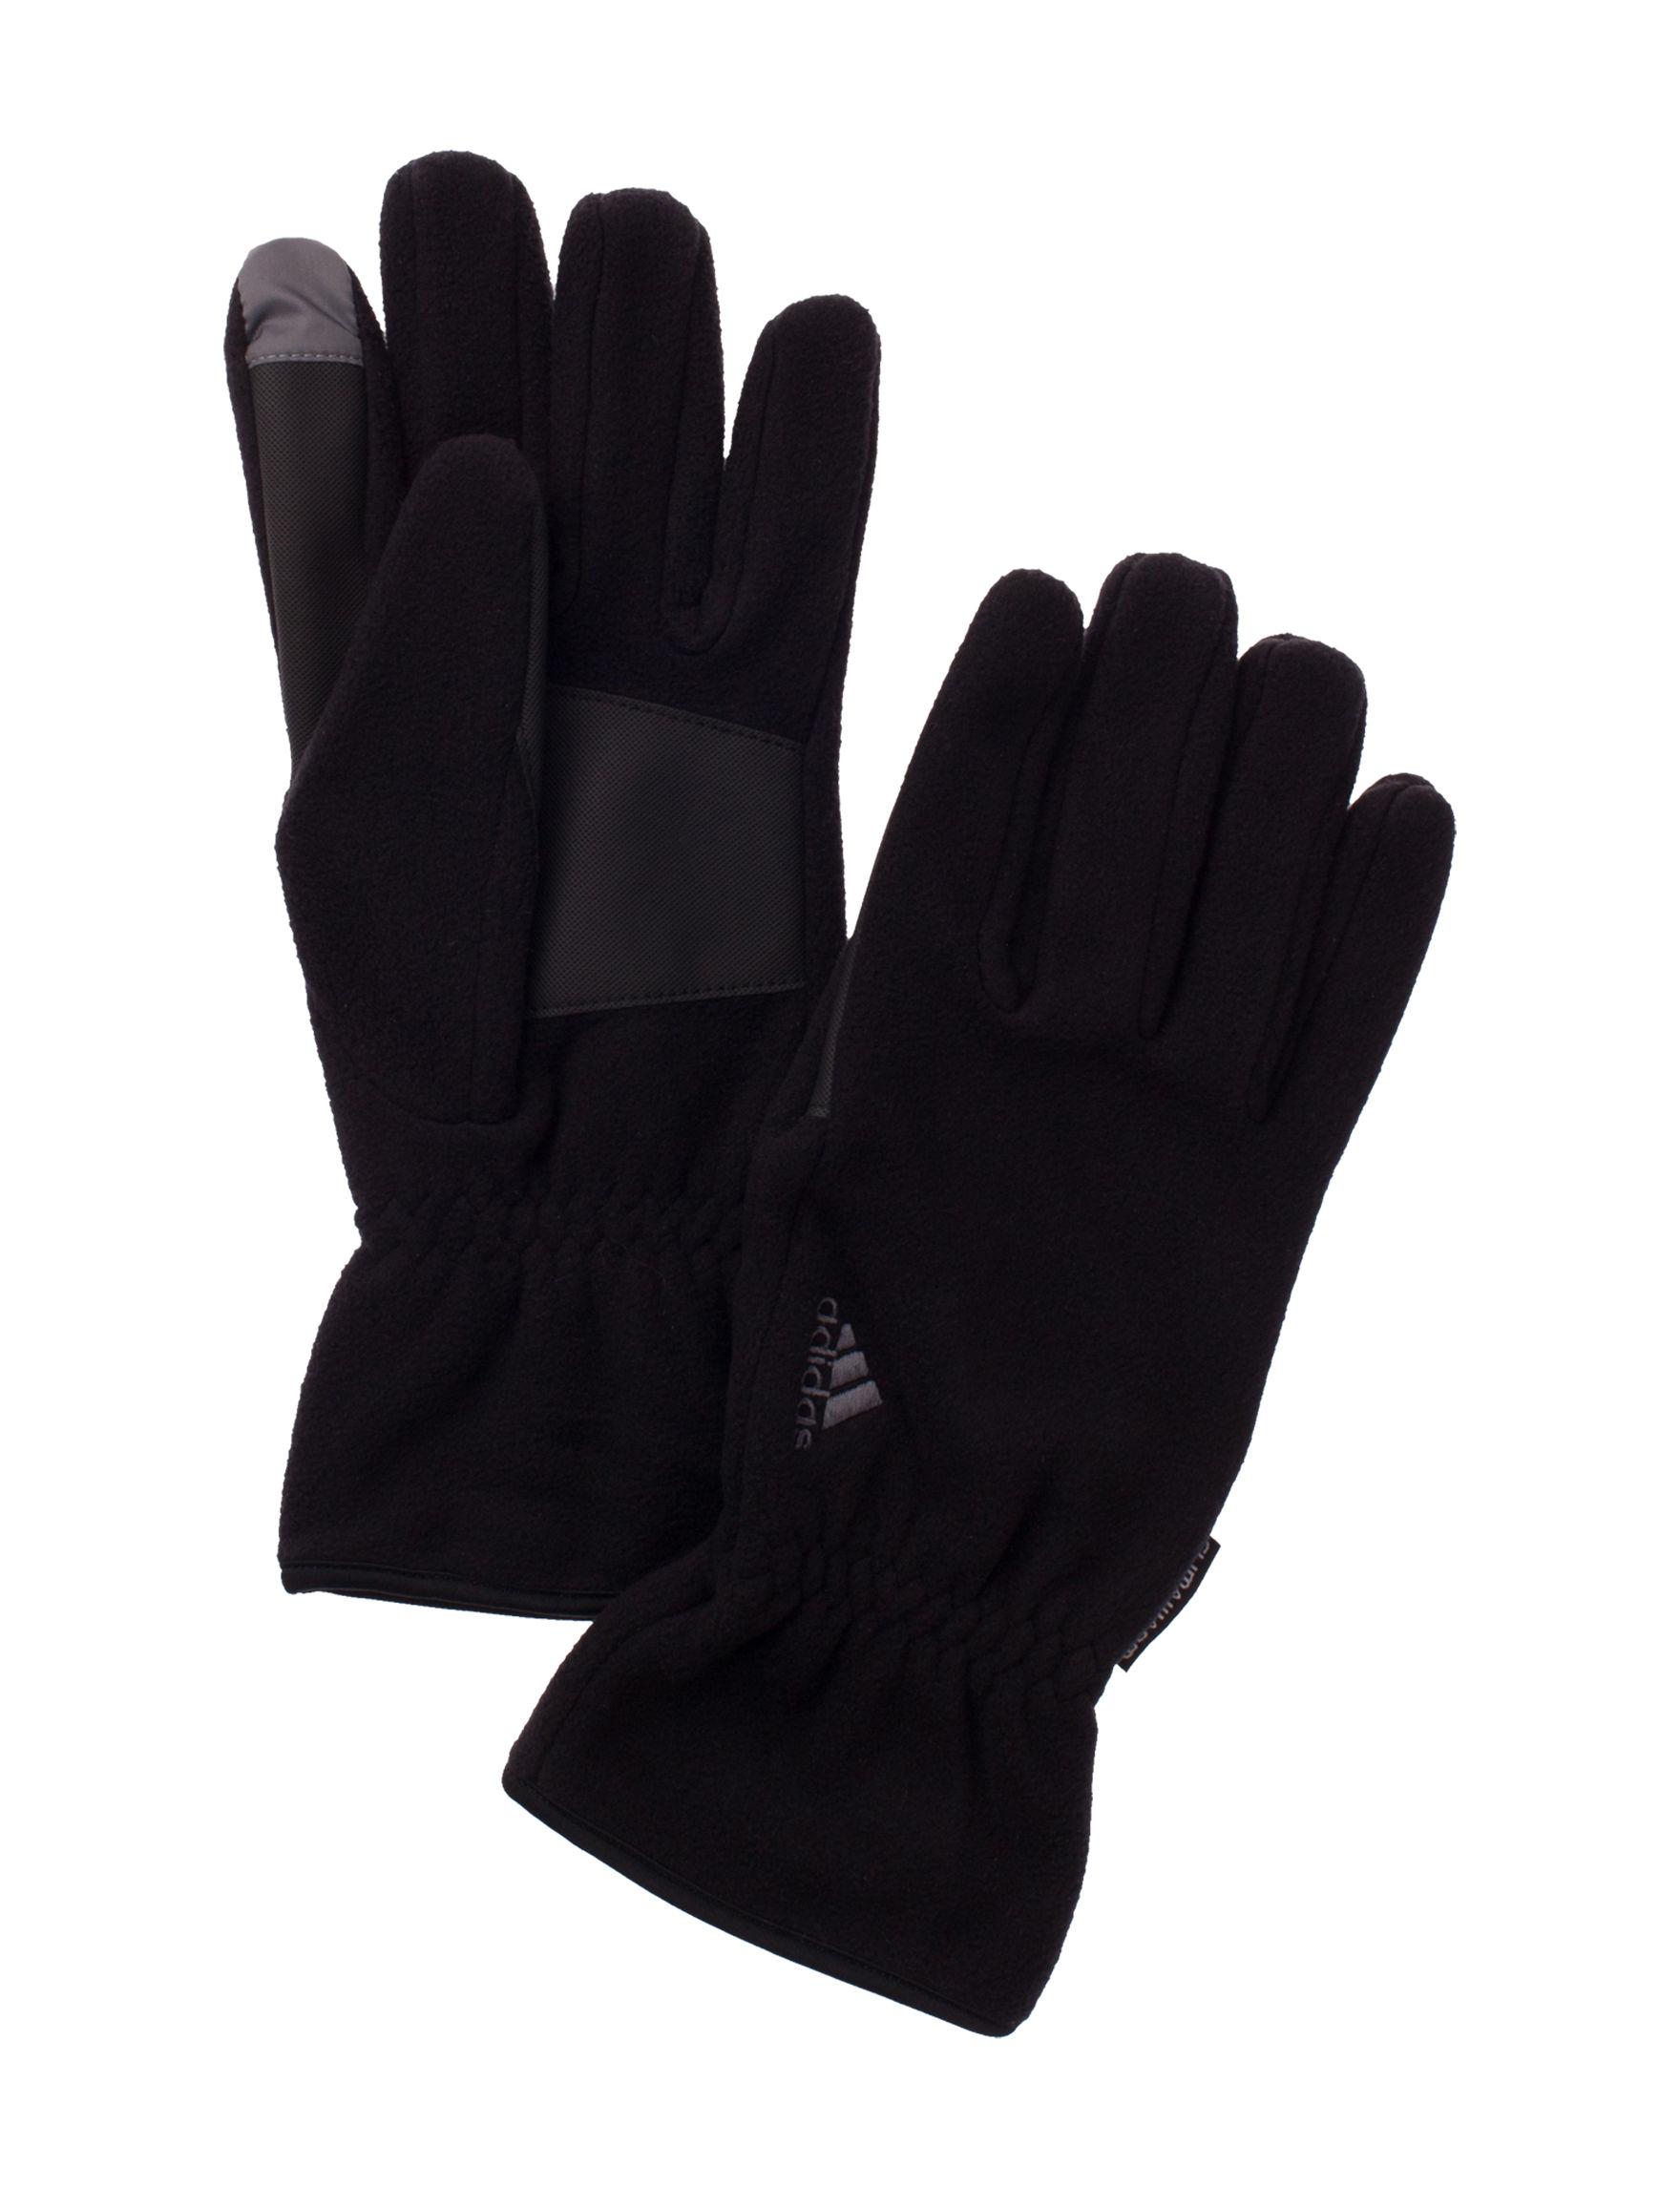 Adidas Black Gloves & Mittens